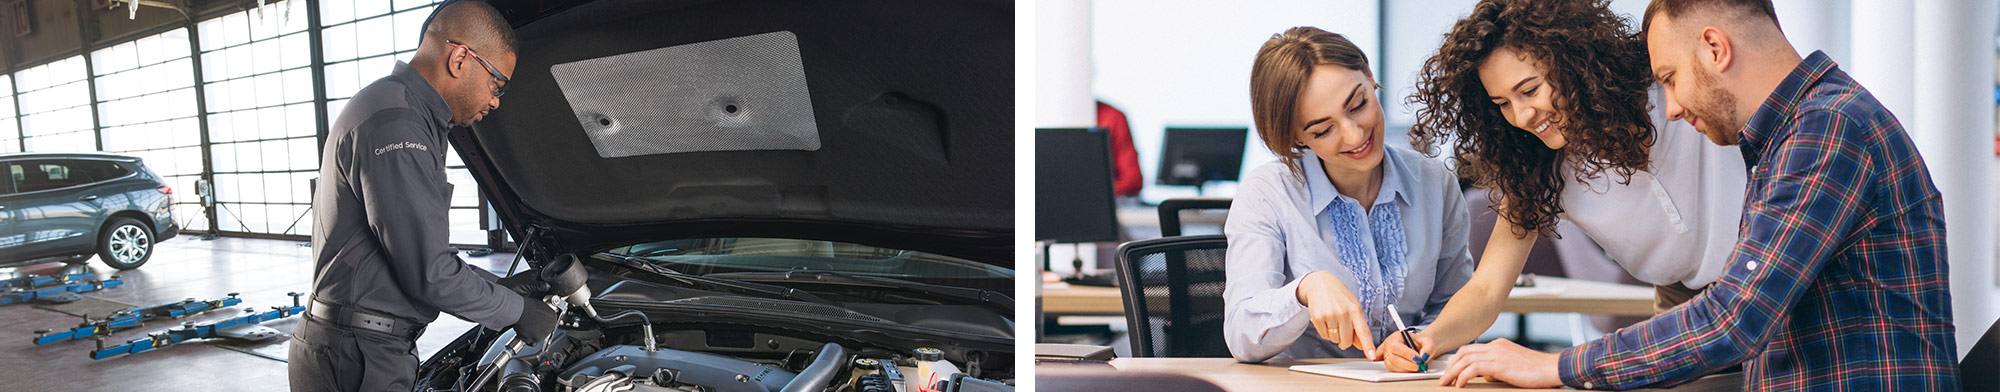 Car dealerships Colorado